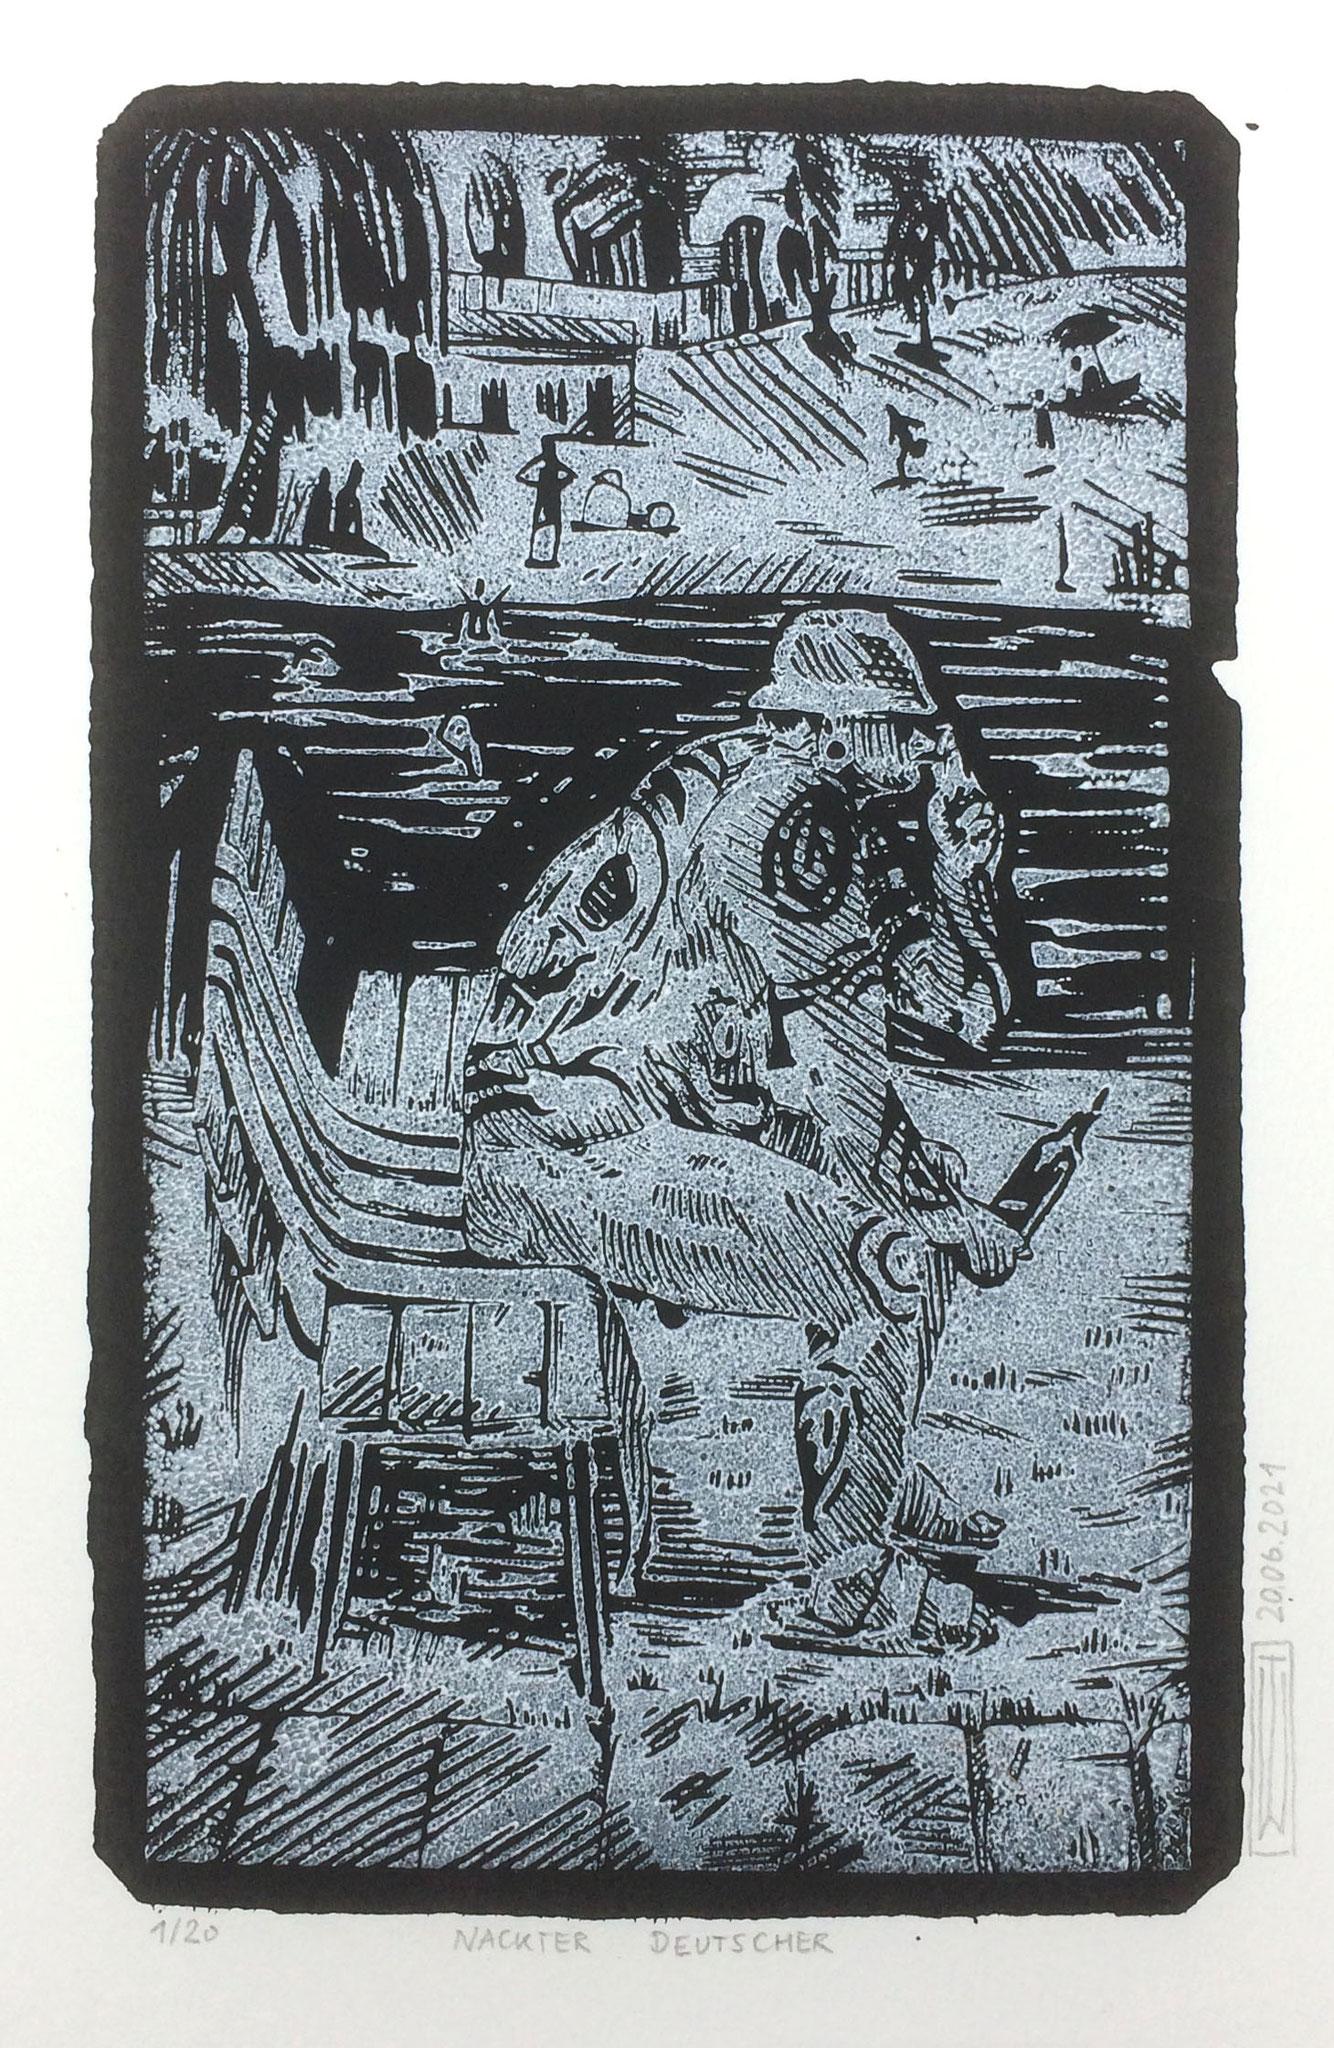 nackter Deutscher, Linoldruck, 21 x 13 cm